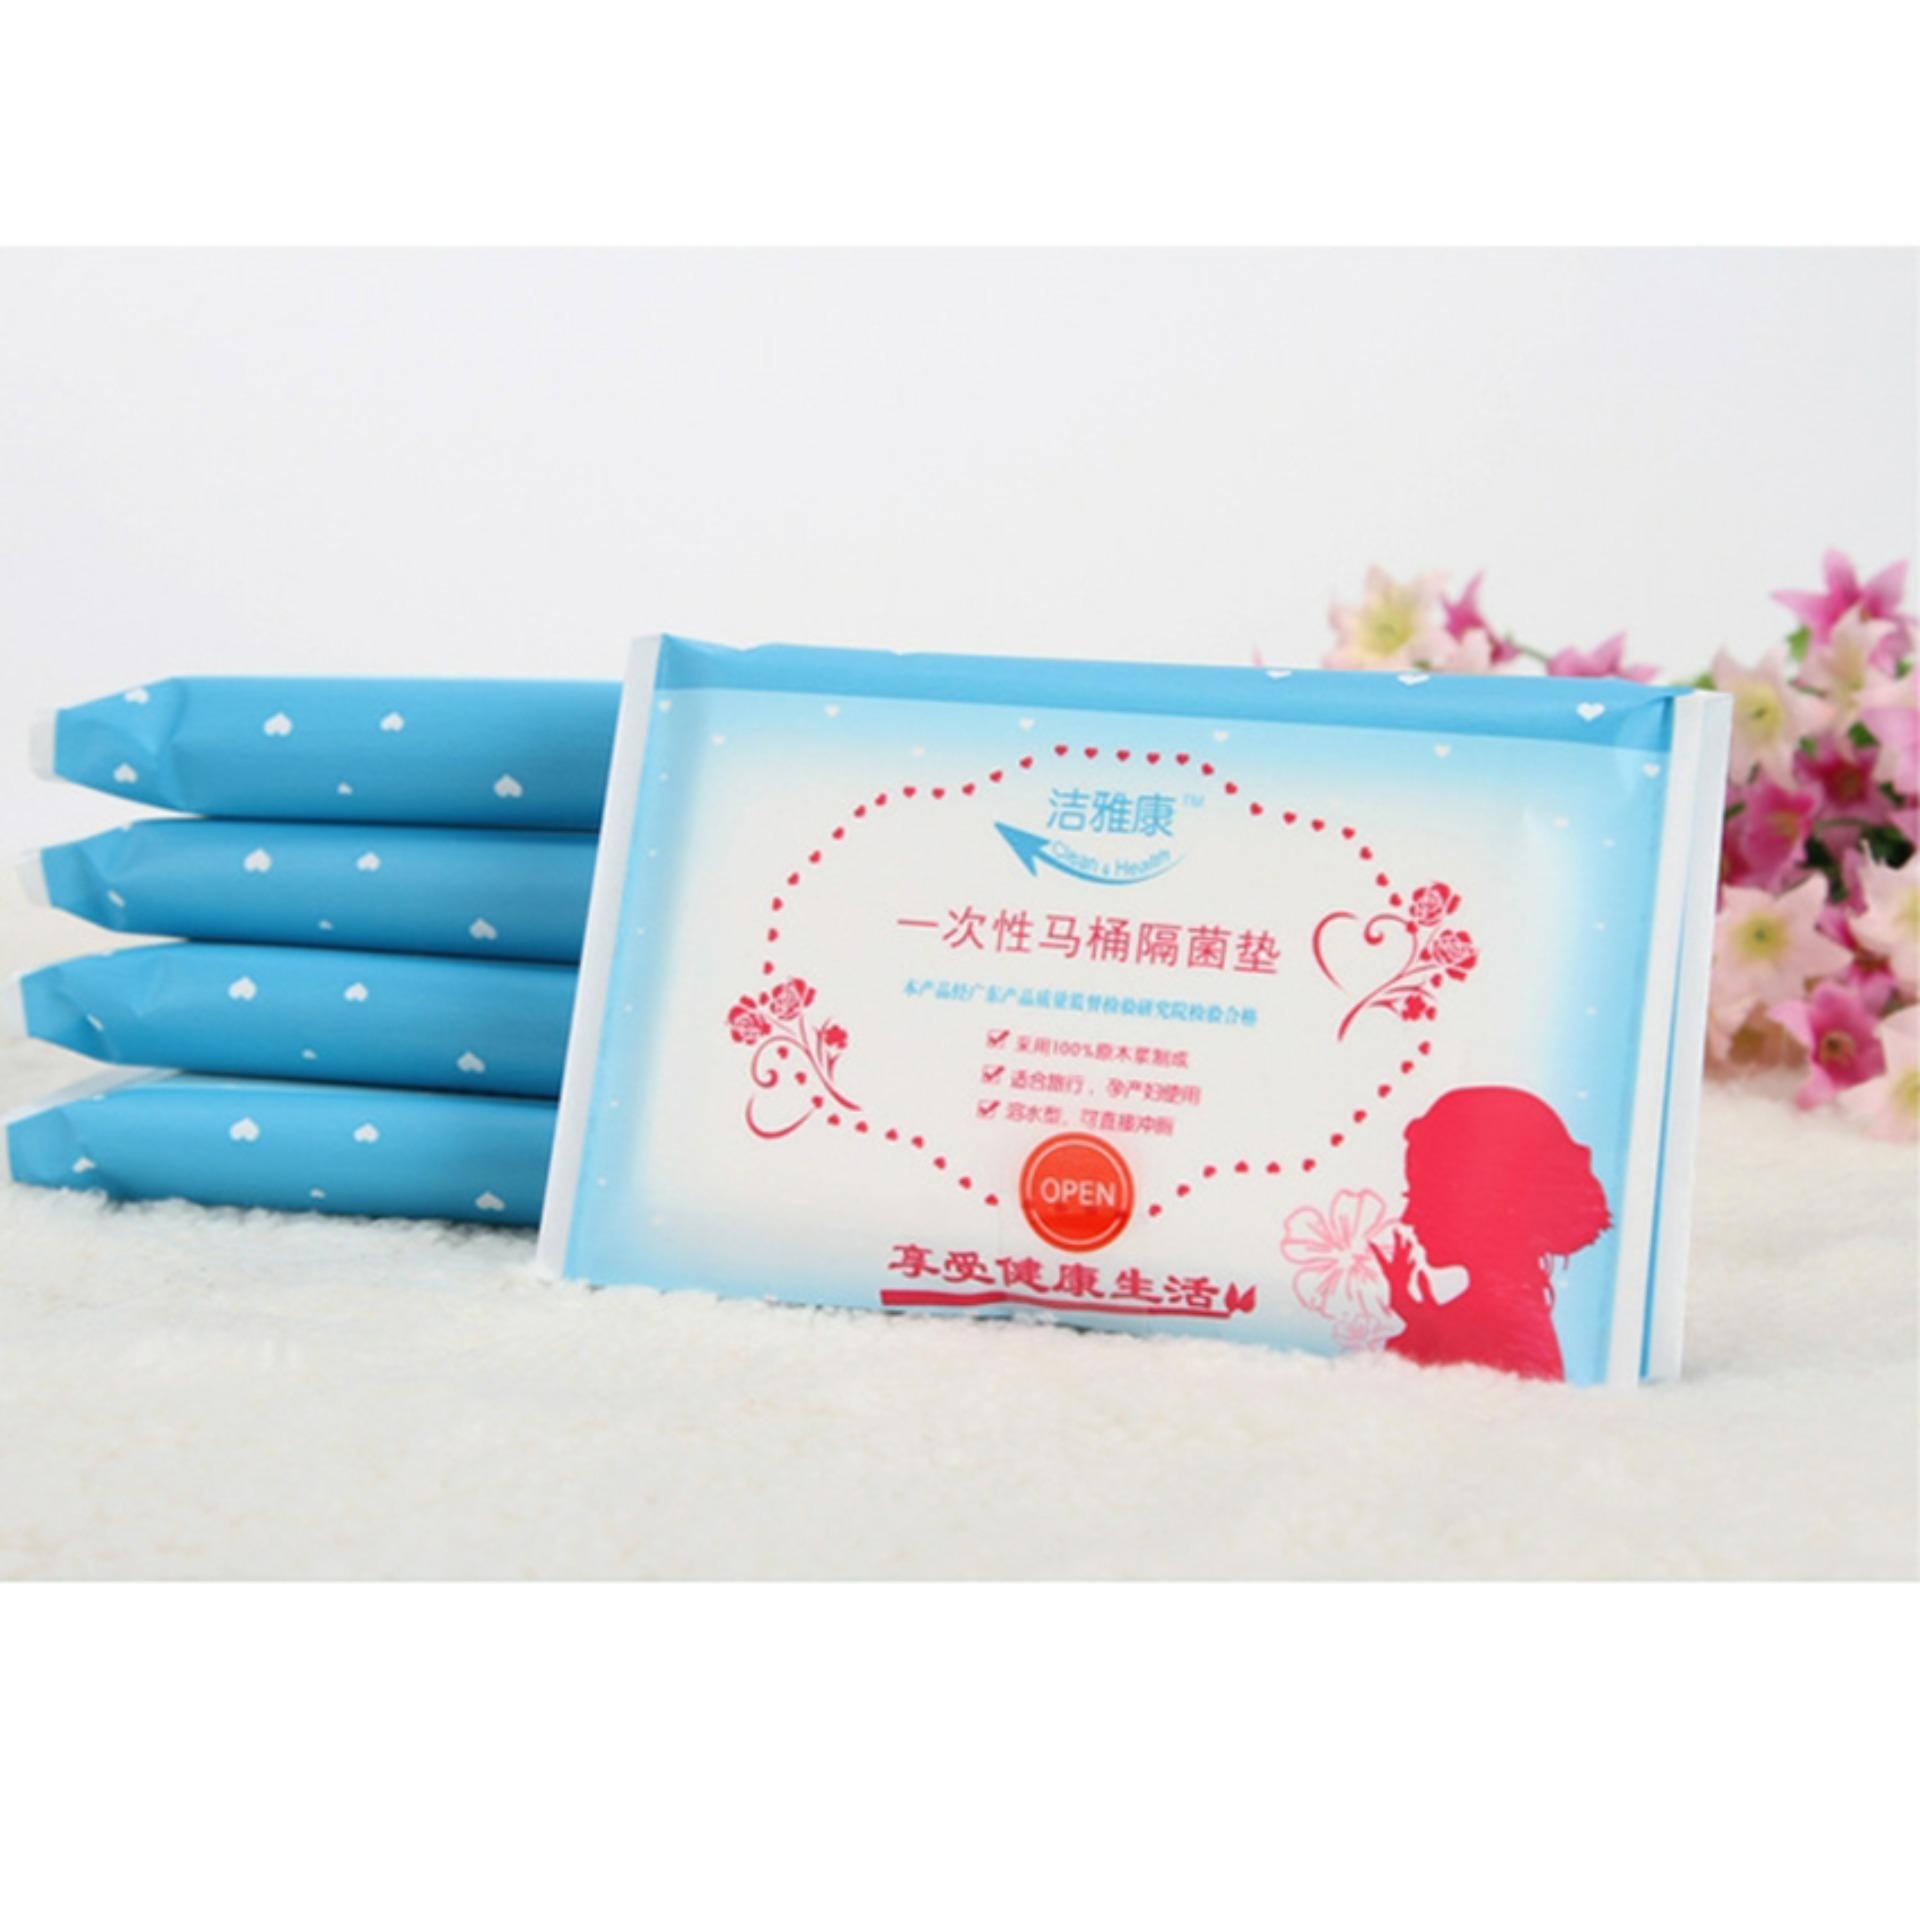 Bộ 10 miếng giấy lót bồn cầu vệ sinh dùng 1 lần (nhiều màu)